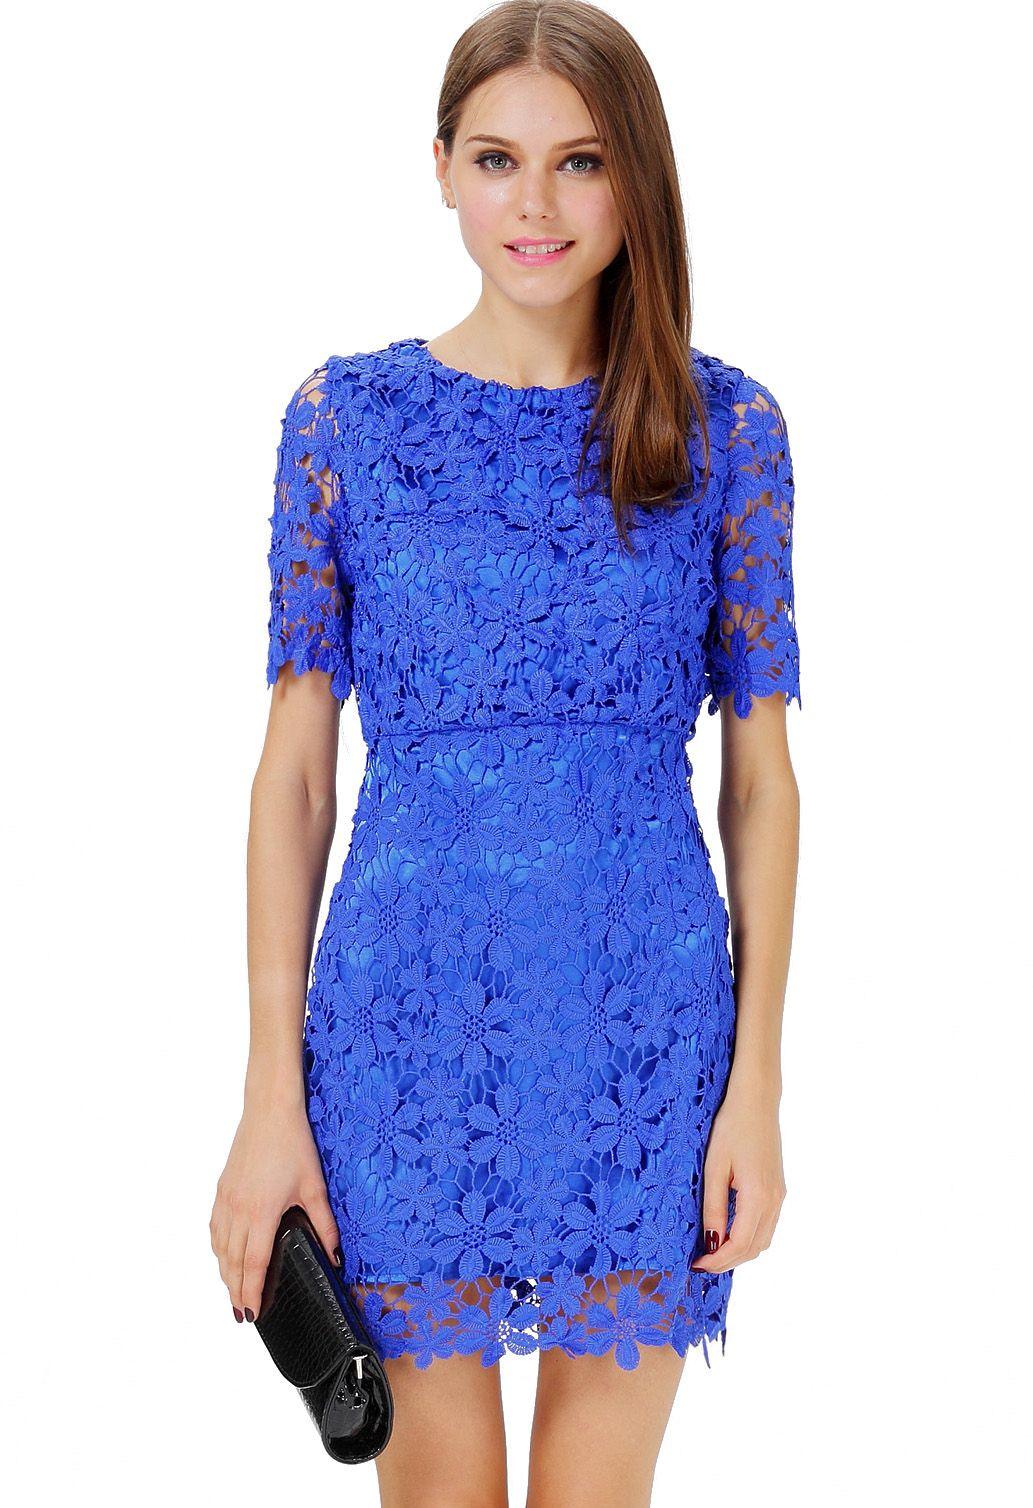 fd3d72109 Vestido Floral Crochet hueco manga corta-azul 19.85